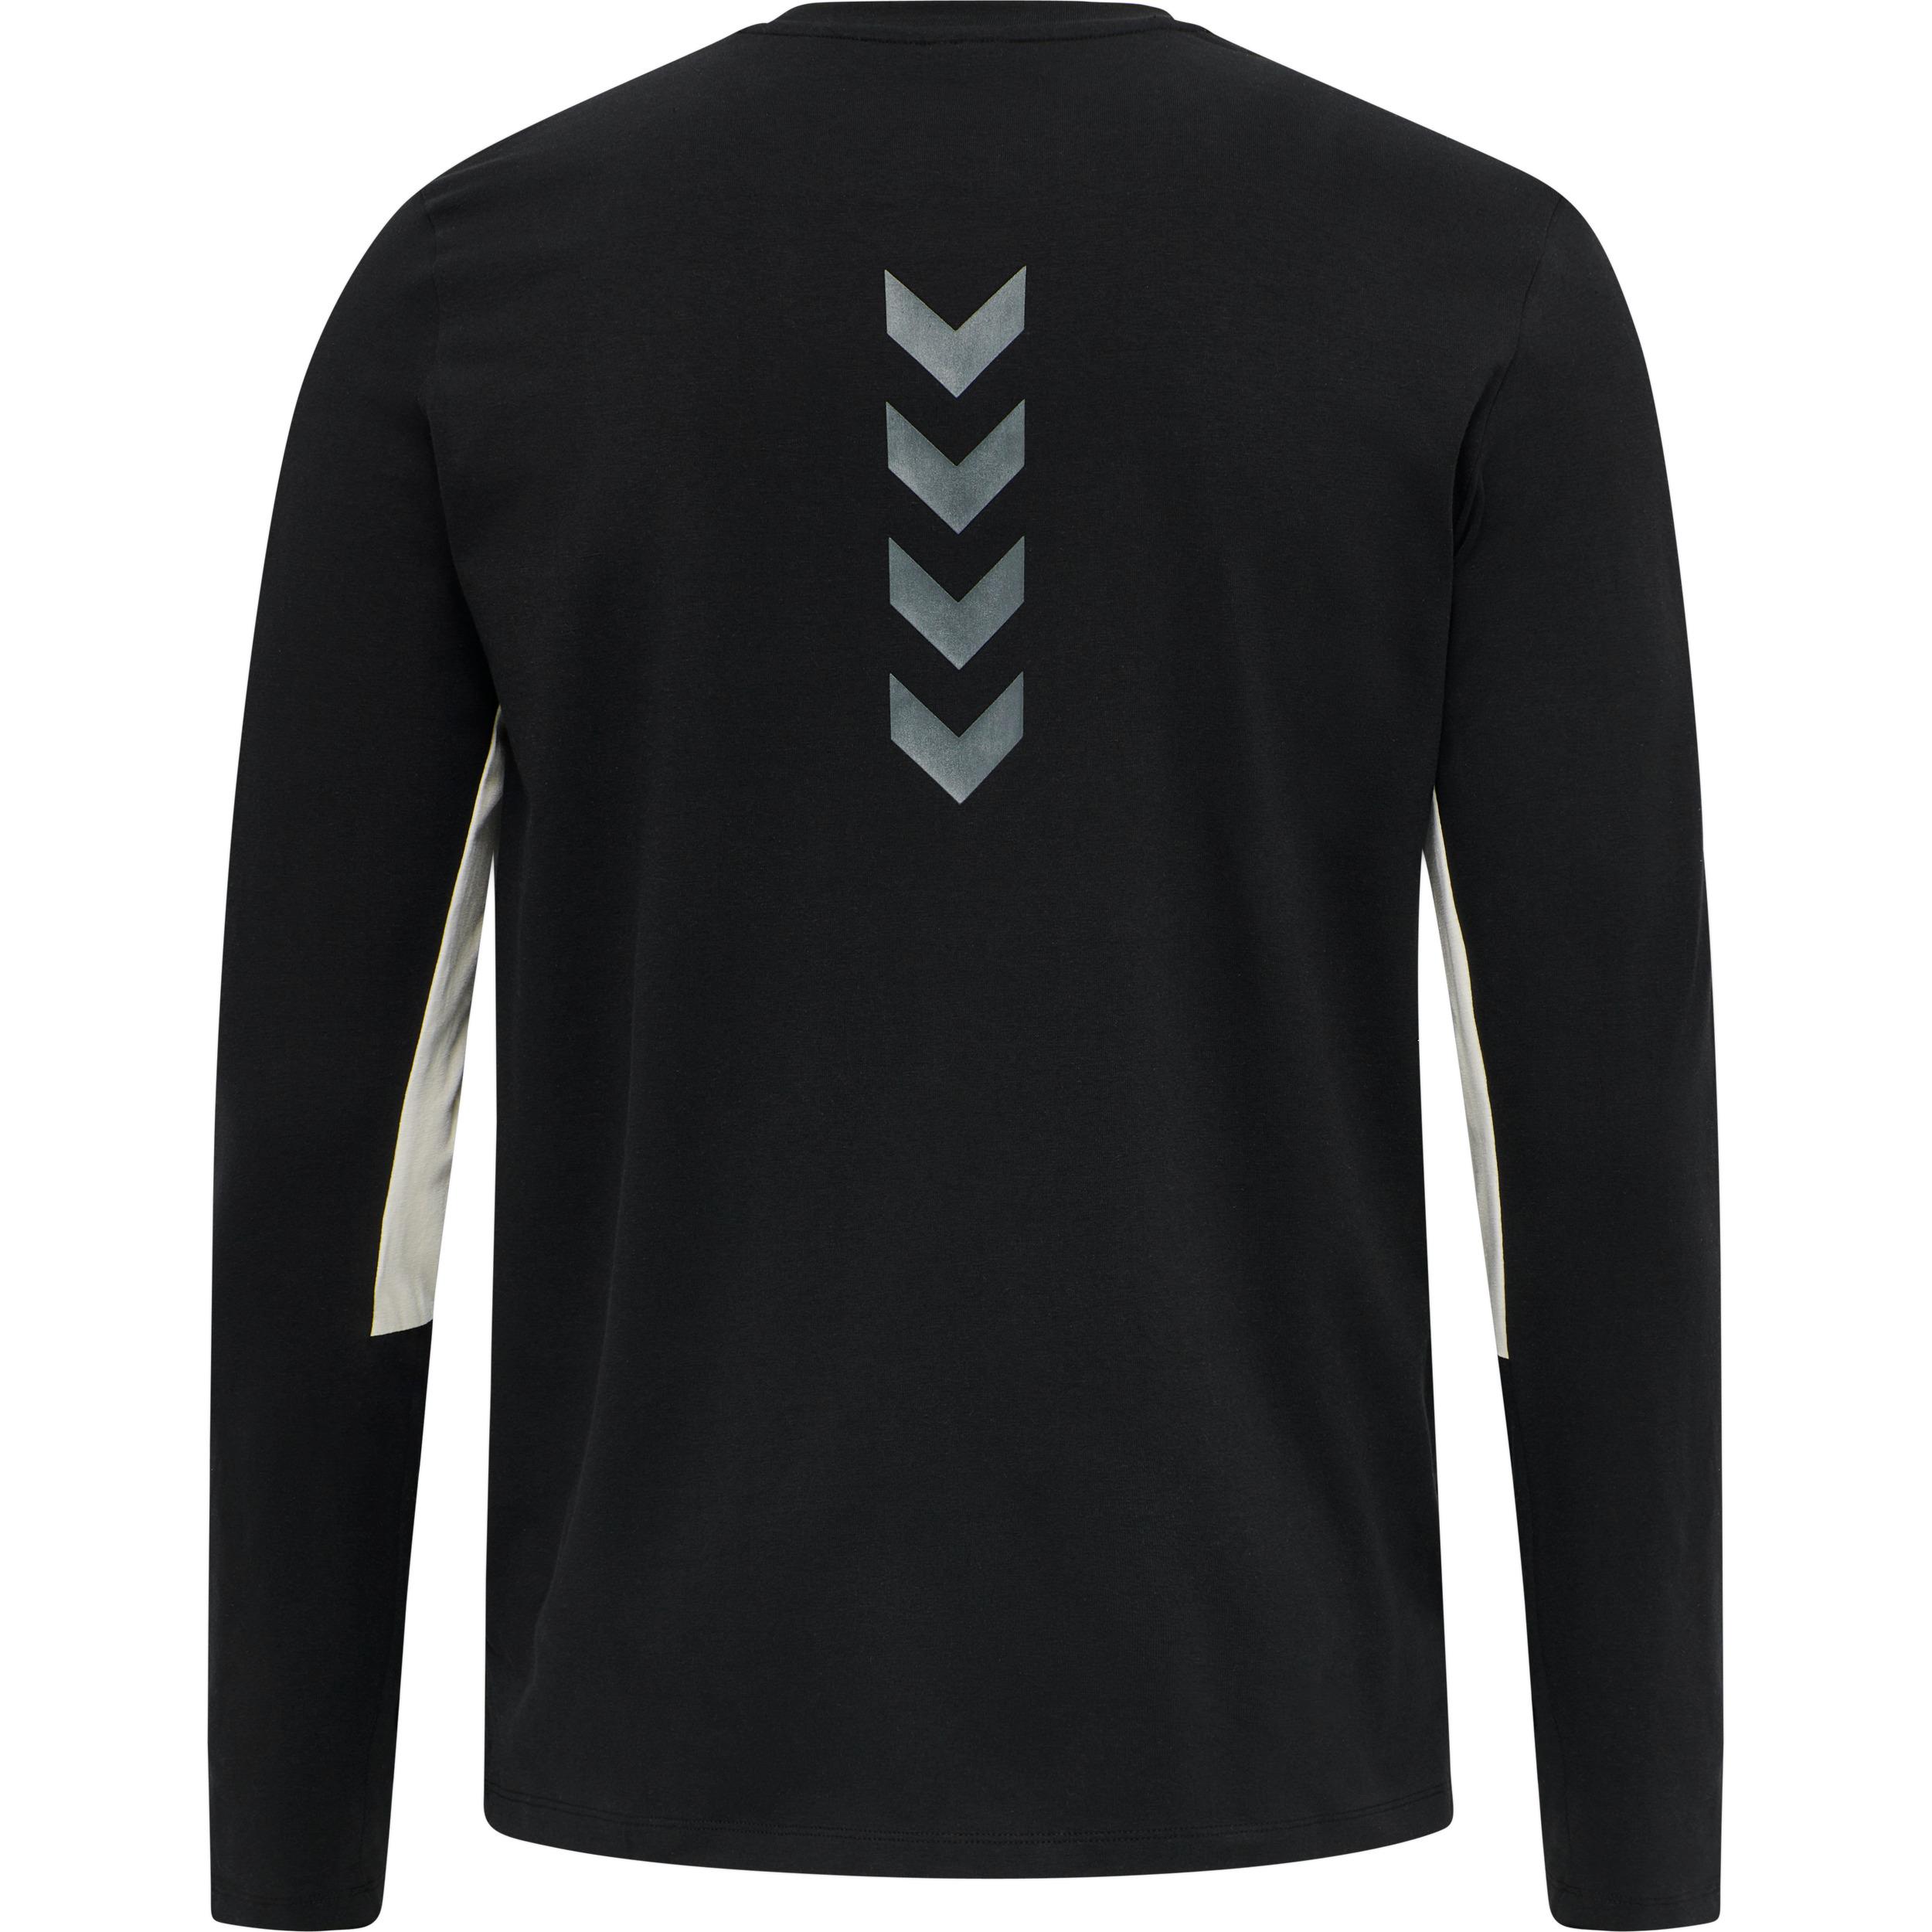 Hummel Lalaska t-shirt LS, black, medium